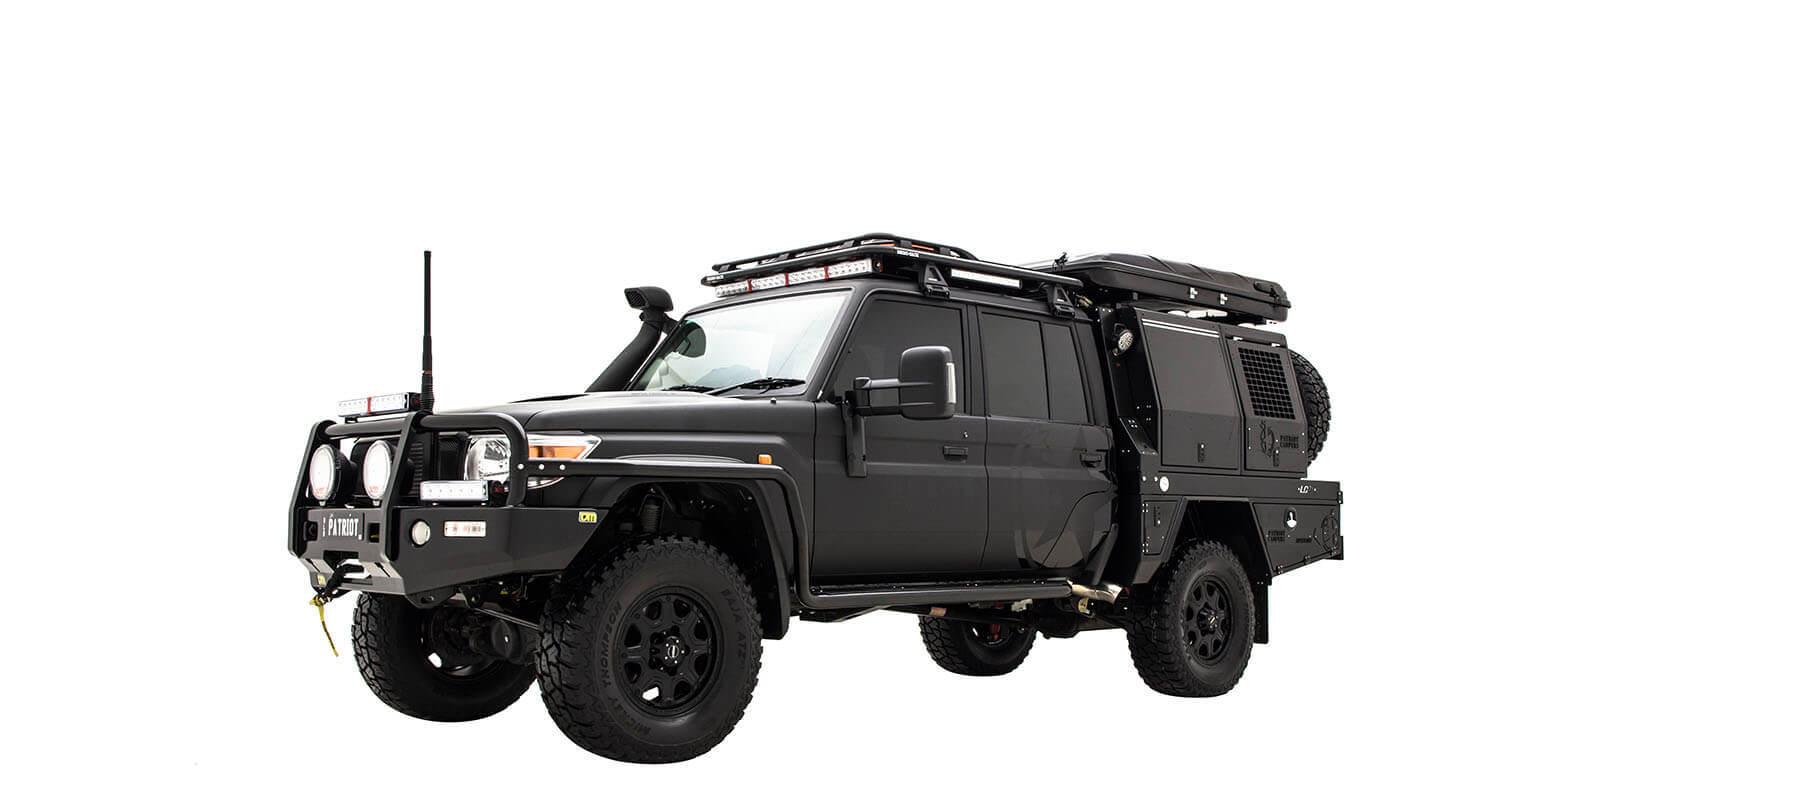 lc79超级越野旅行车是你探索极端环境的最好选择